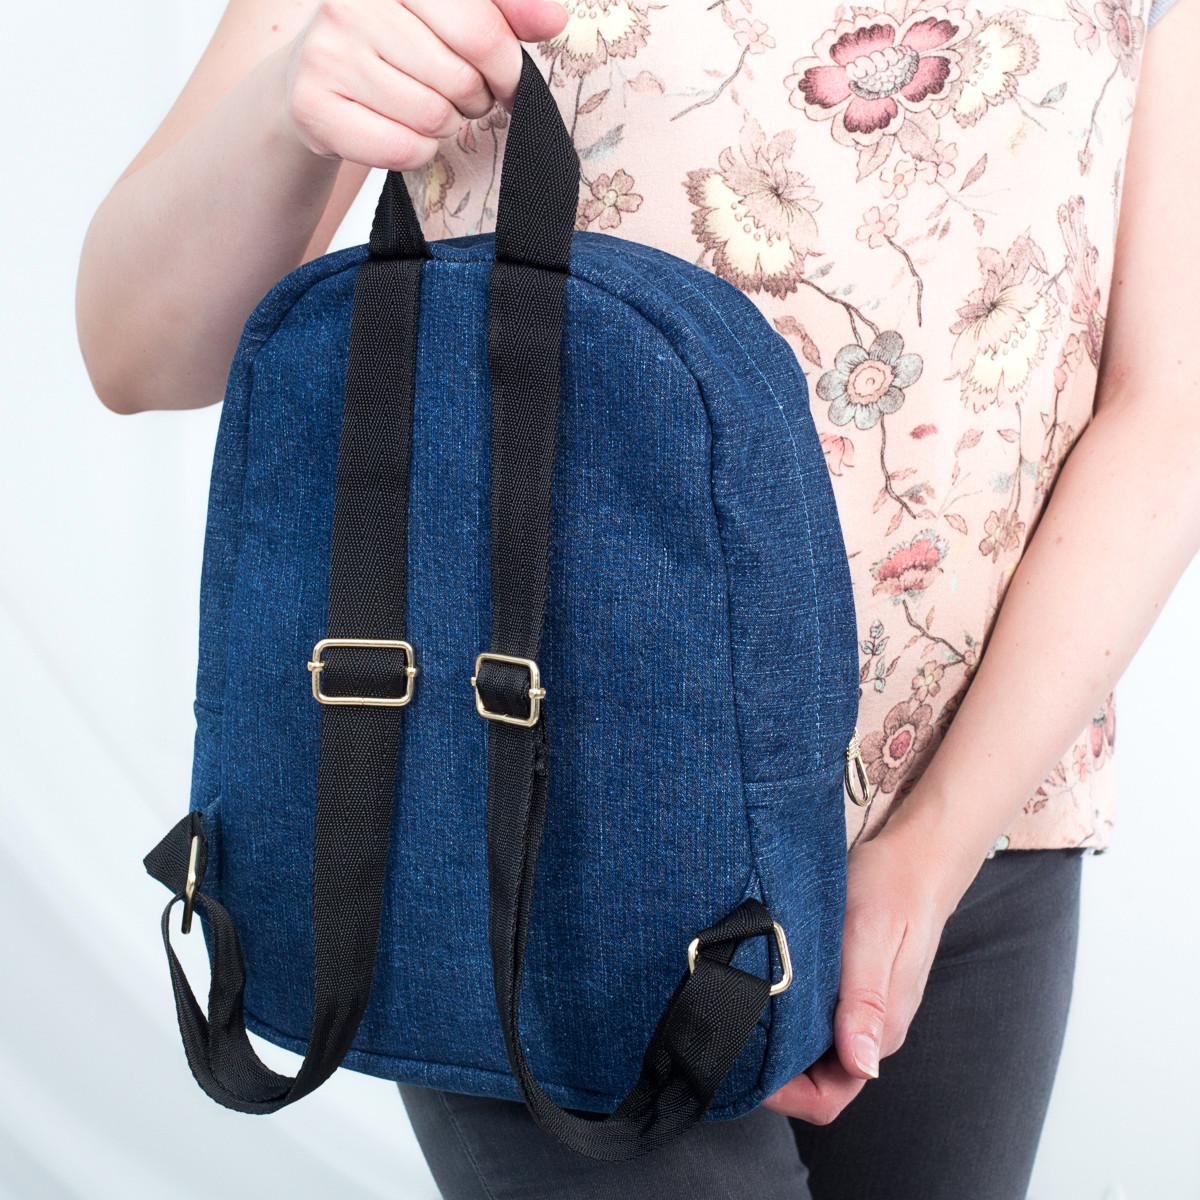 Стильный женский джинсовый рюкзак Mayers, синий, фото 4